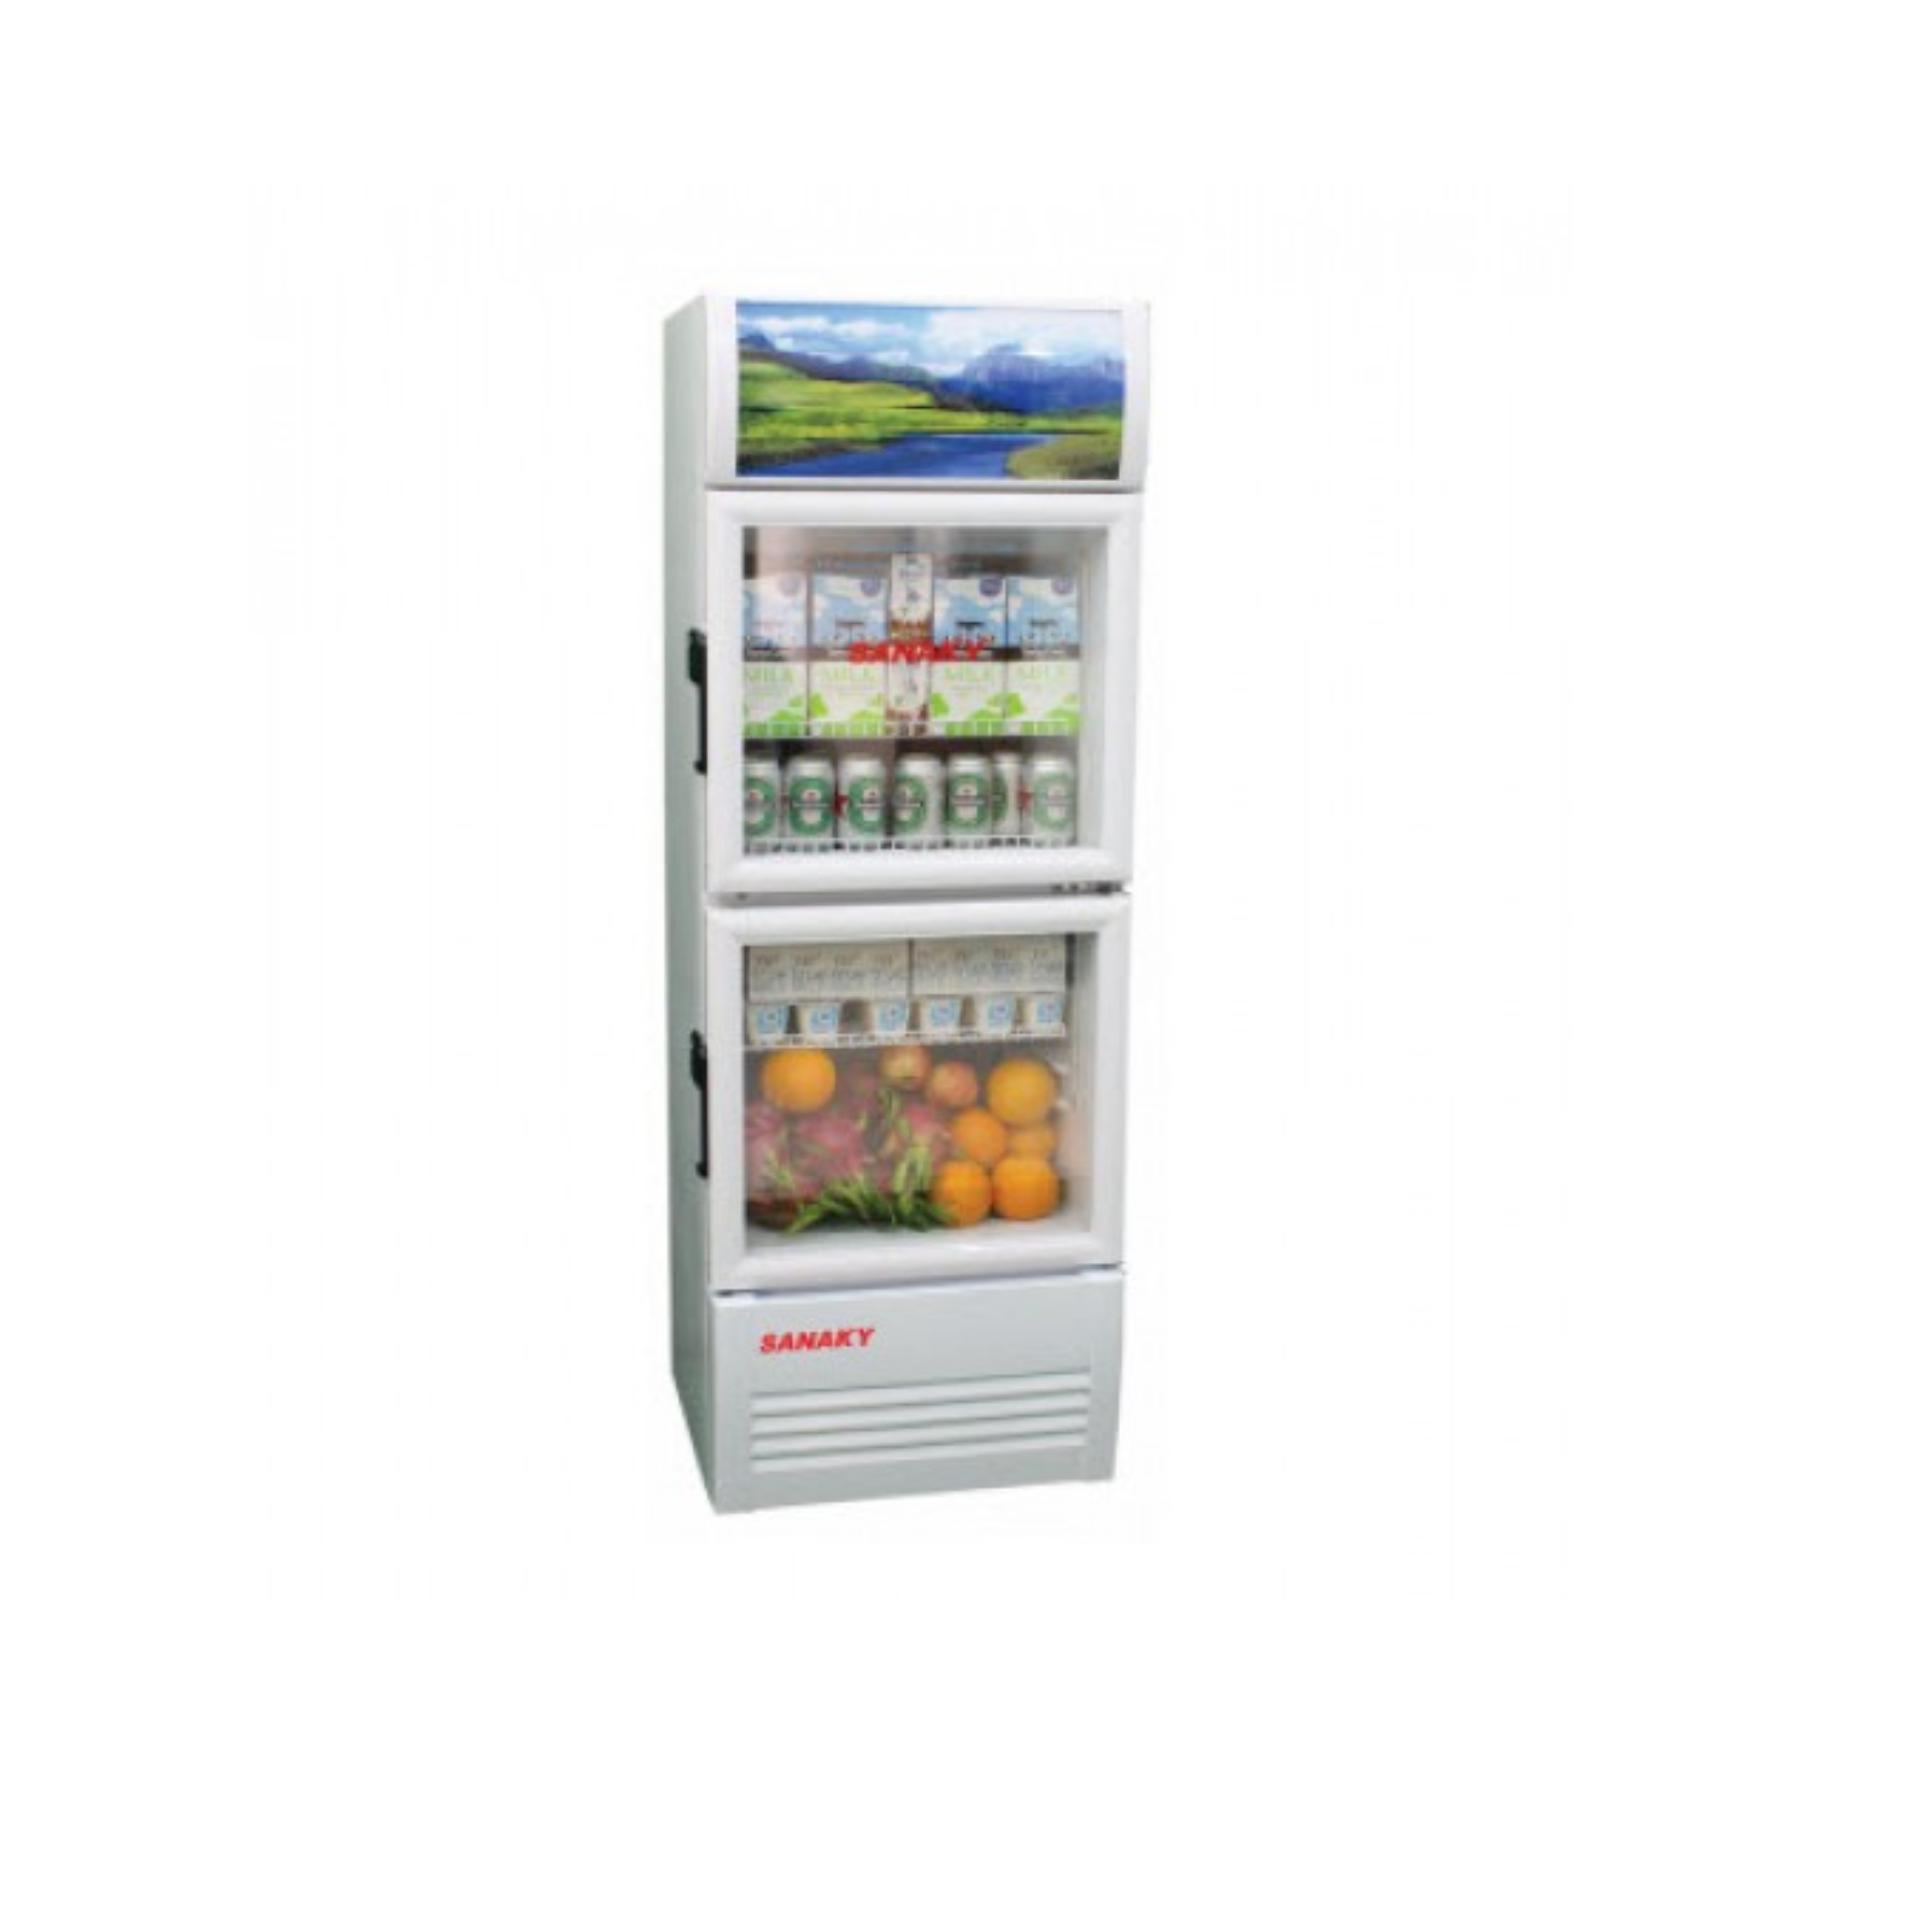 Tủ mát Sanaky 1 cánh dàn lạnh đồng VH-259K